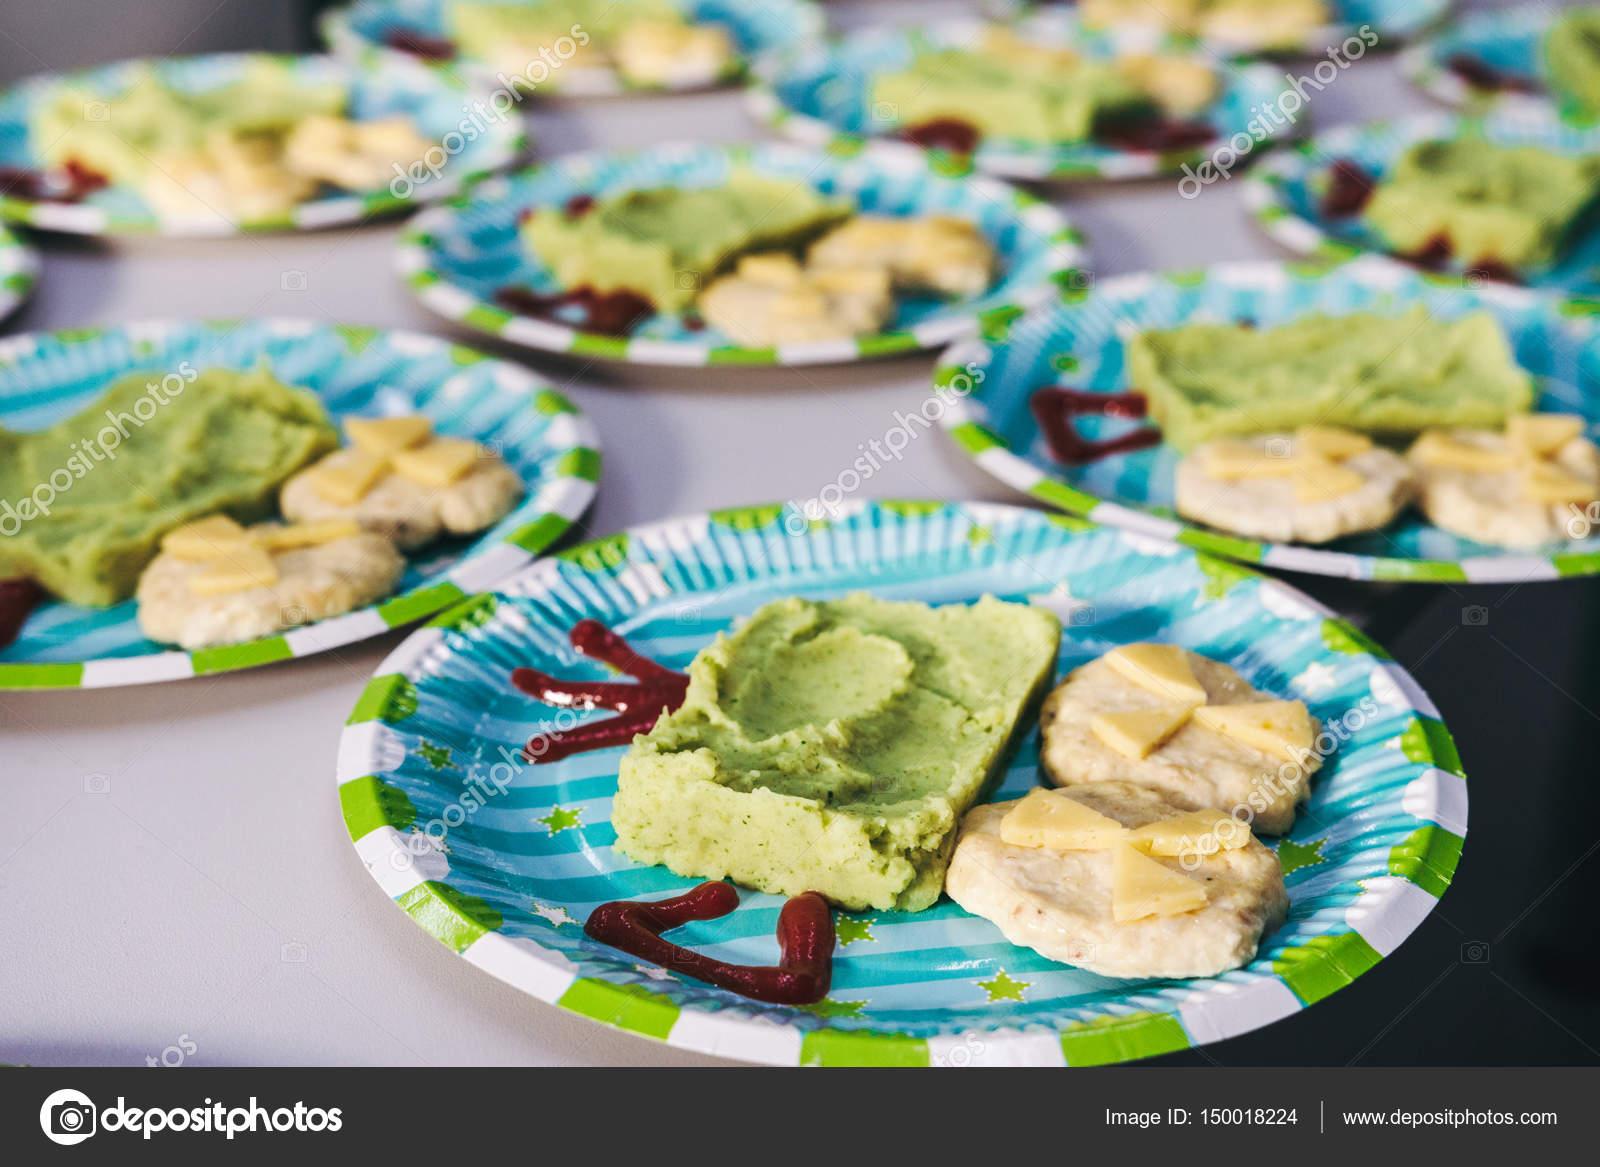 Brilliant Fingerfood Kindergeburtstag Foto Von Gastronomie — Stockfoto